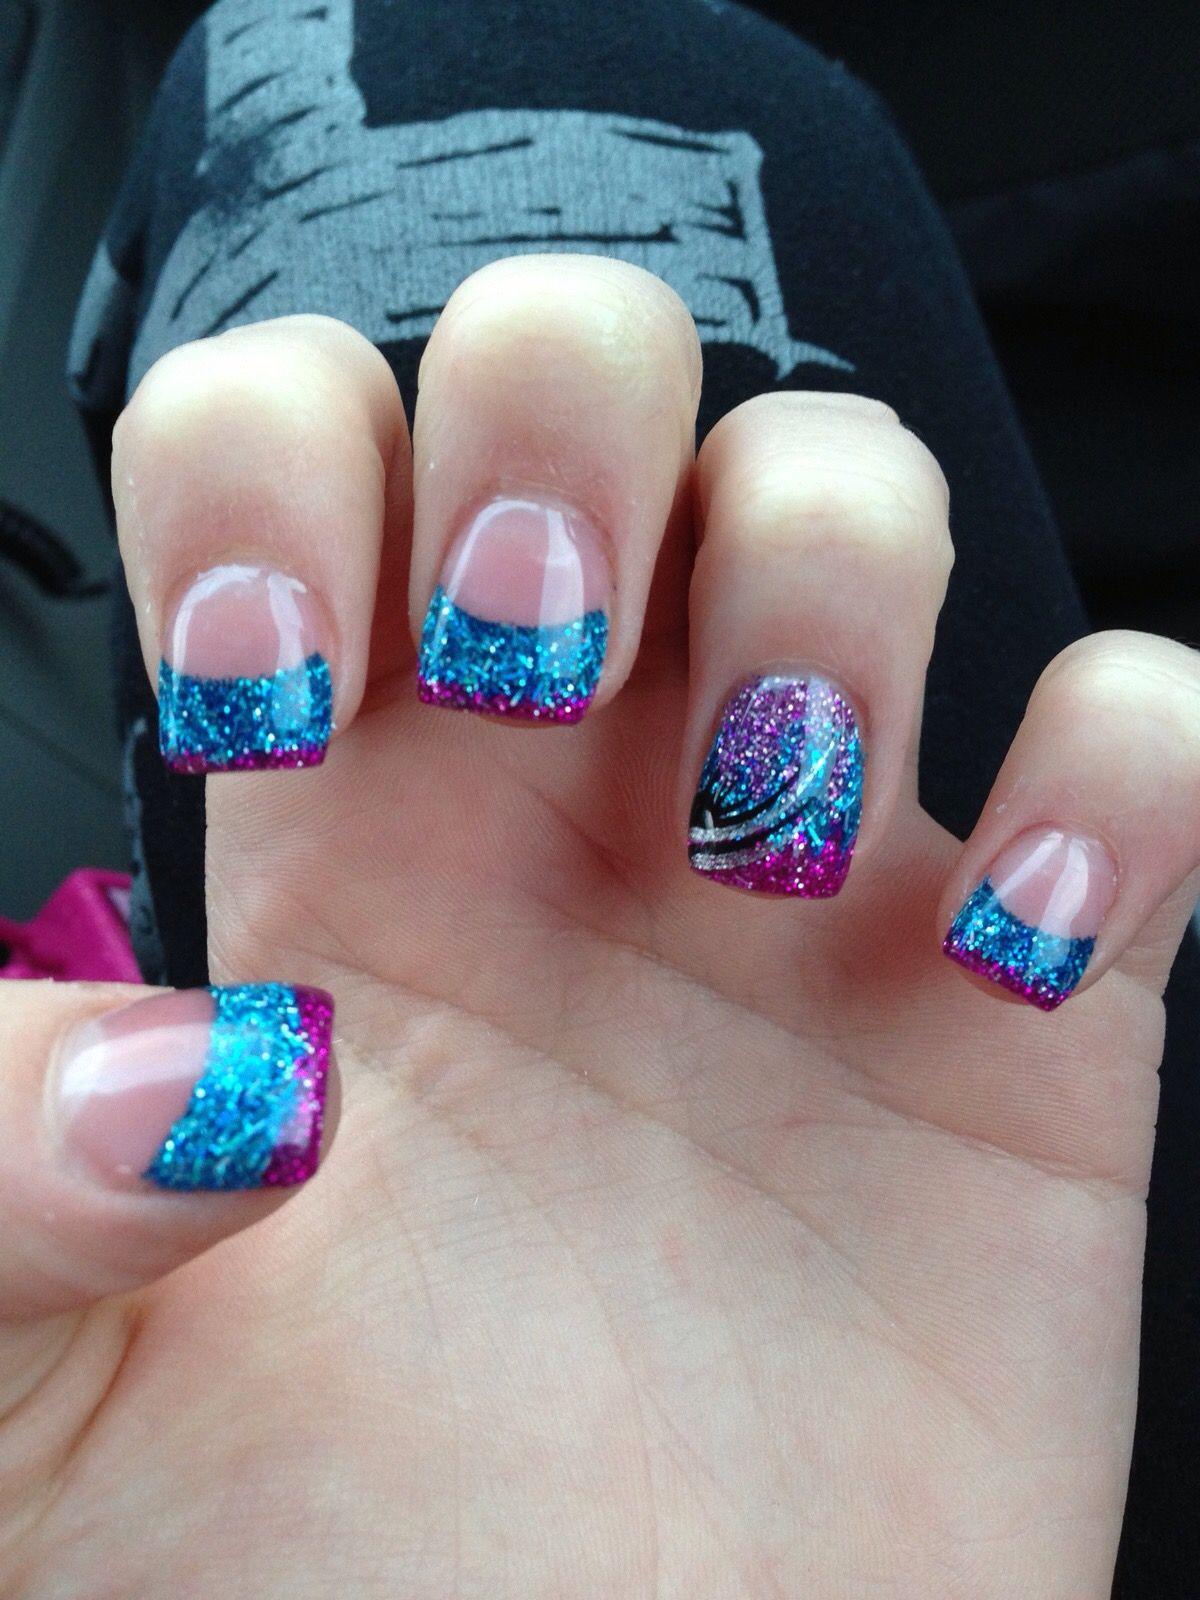 Pin by Joy Graham on Beautiful nails ;) | Pinterest | Nail nail ...